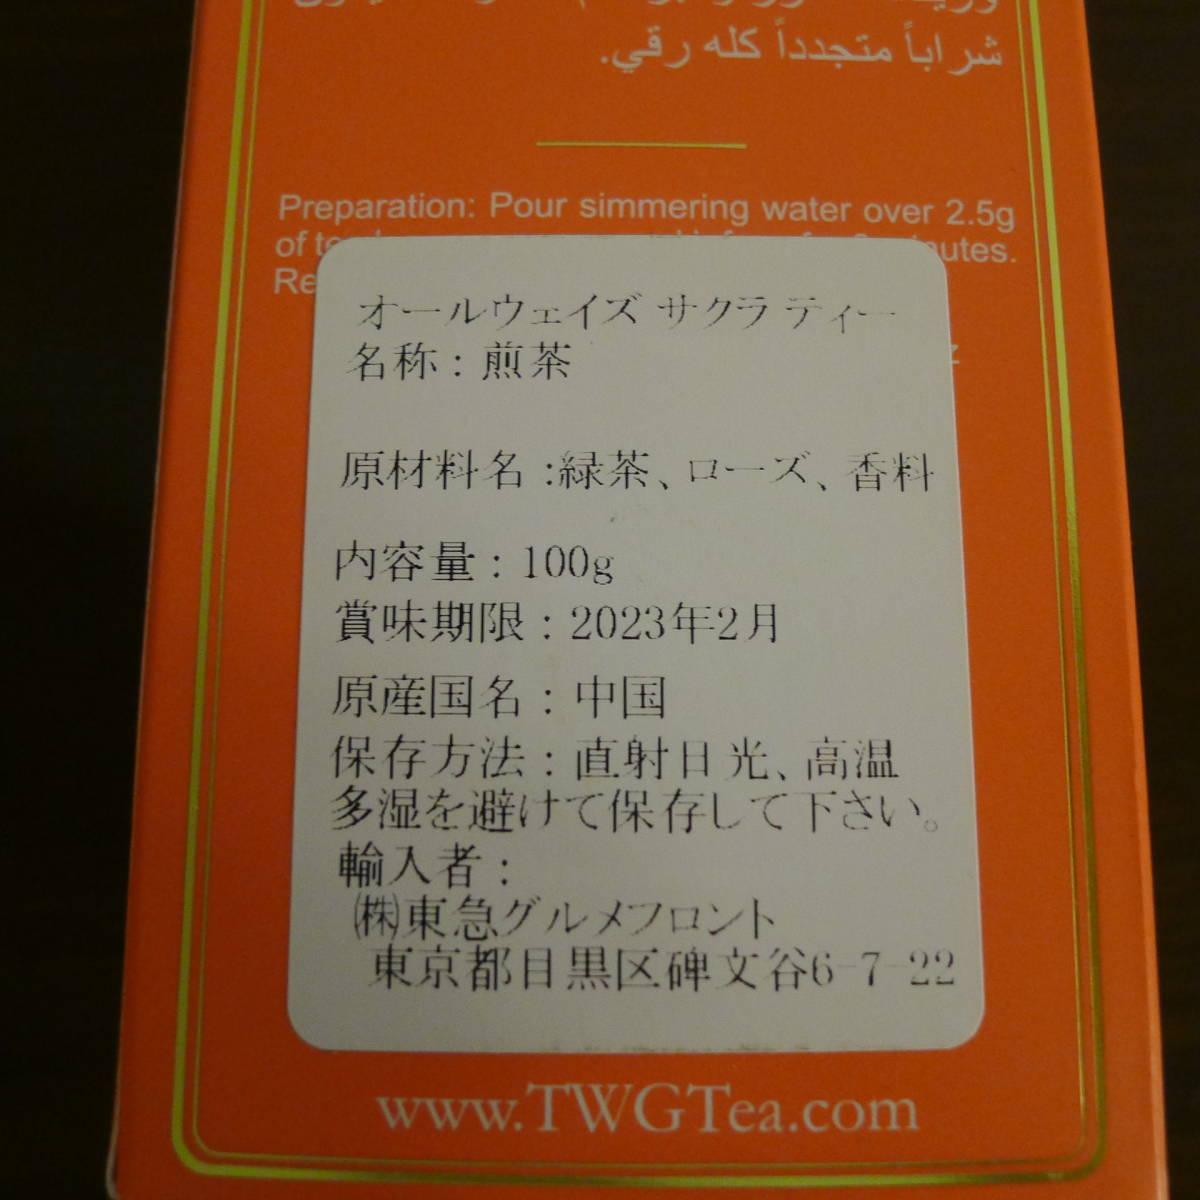 新品TWG オールウェイズサクラ 茶葉100g缶 ローズ緑茶 (ルースティー煎茶 グリーンティー チェリー TEA ティーダブルジーティー紅茶_画像3